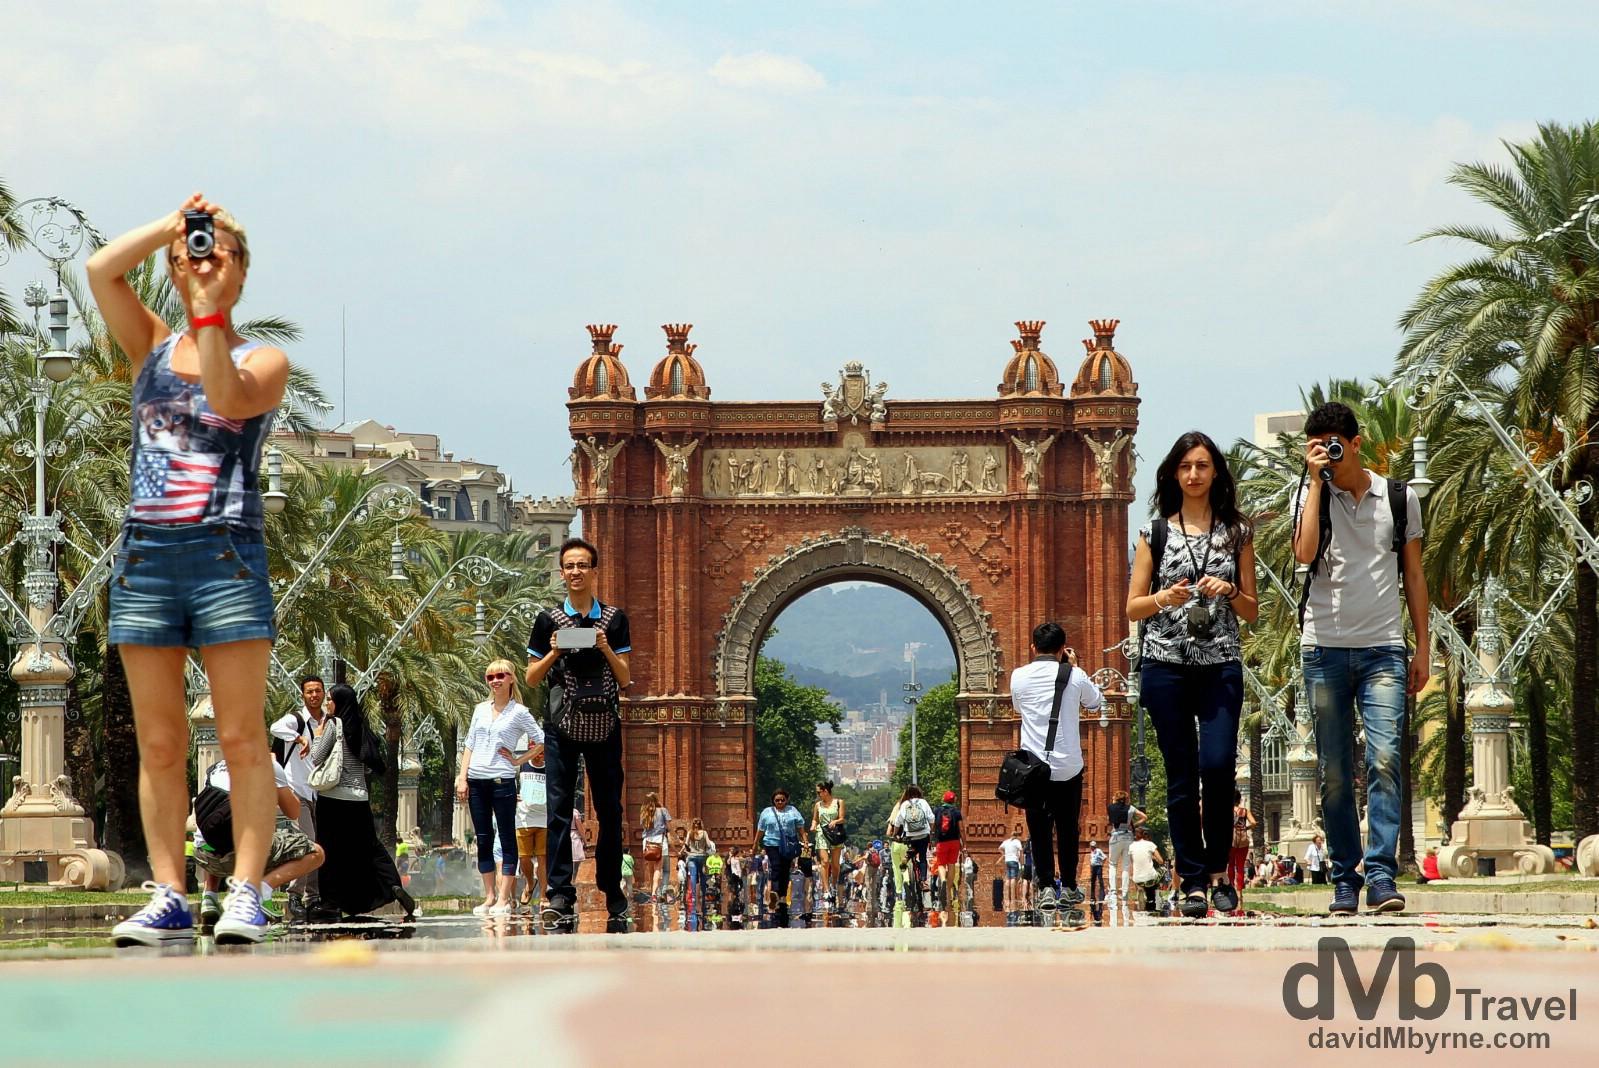 Looking down on Passeig de Lluis Companys towards the Arc de Triomf in Barcelona, Spain. June 17th, 2014.